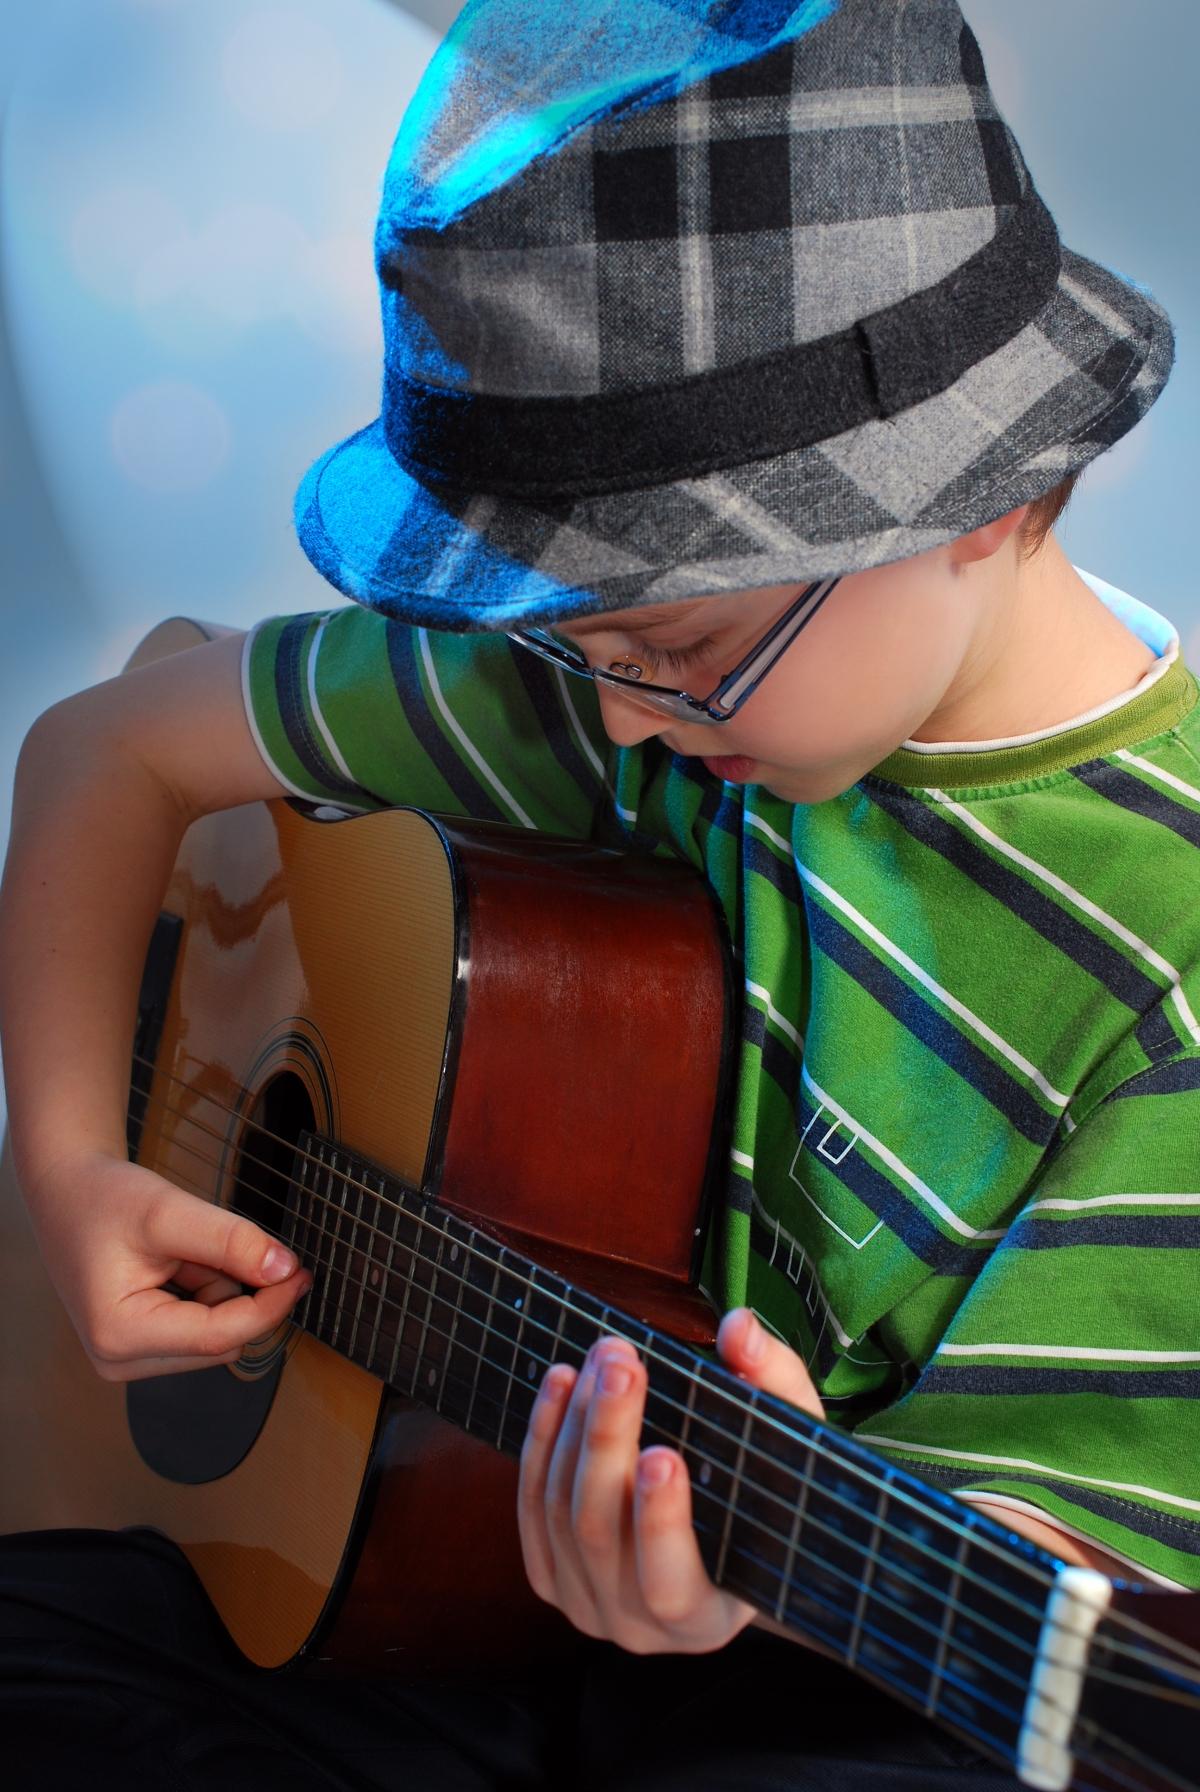 guitar schooling